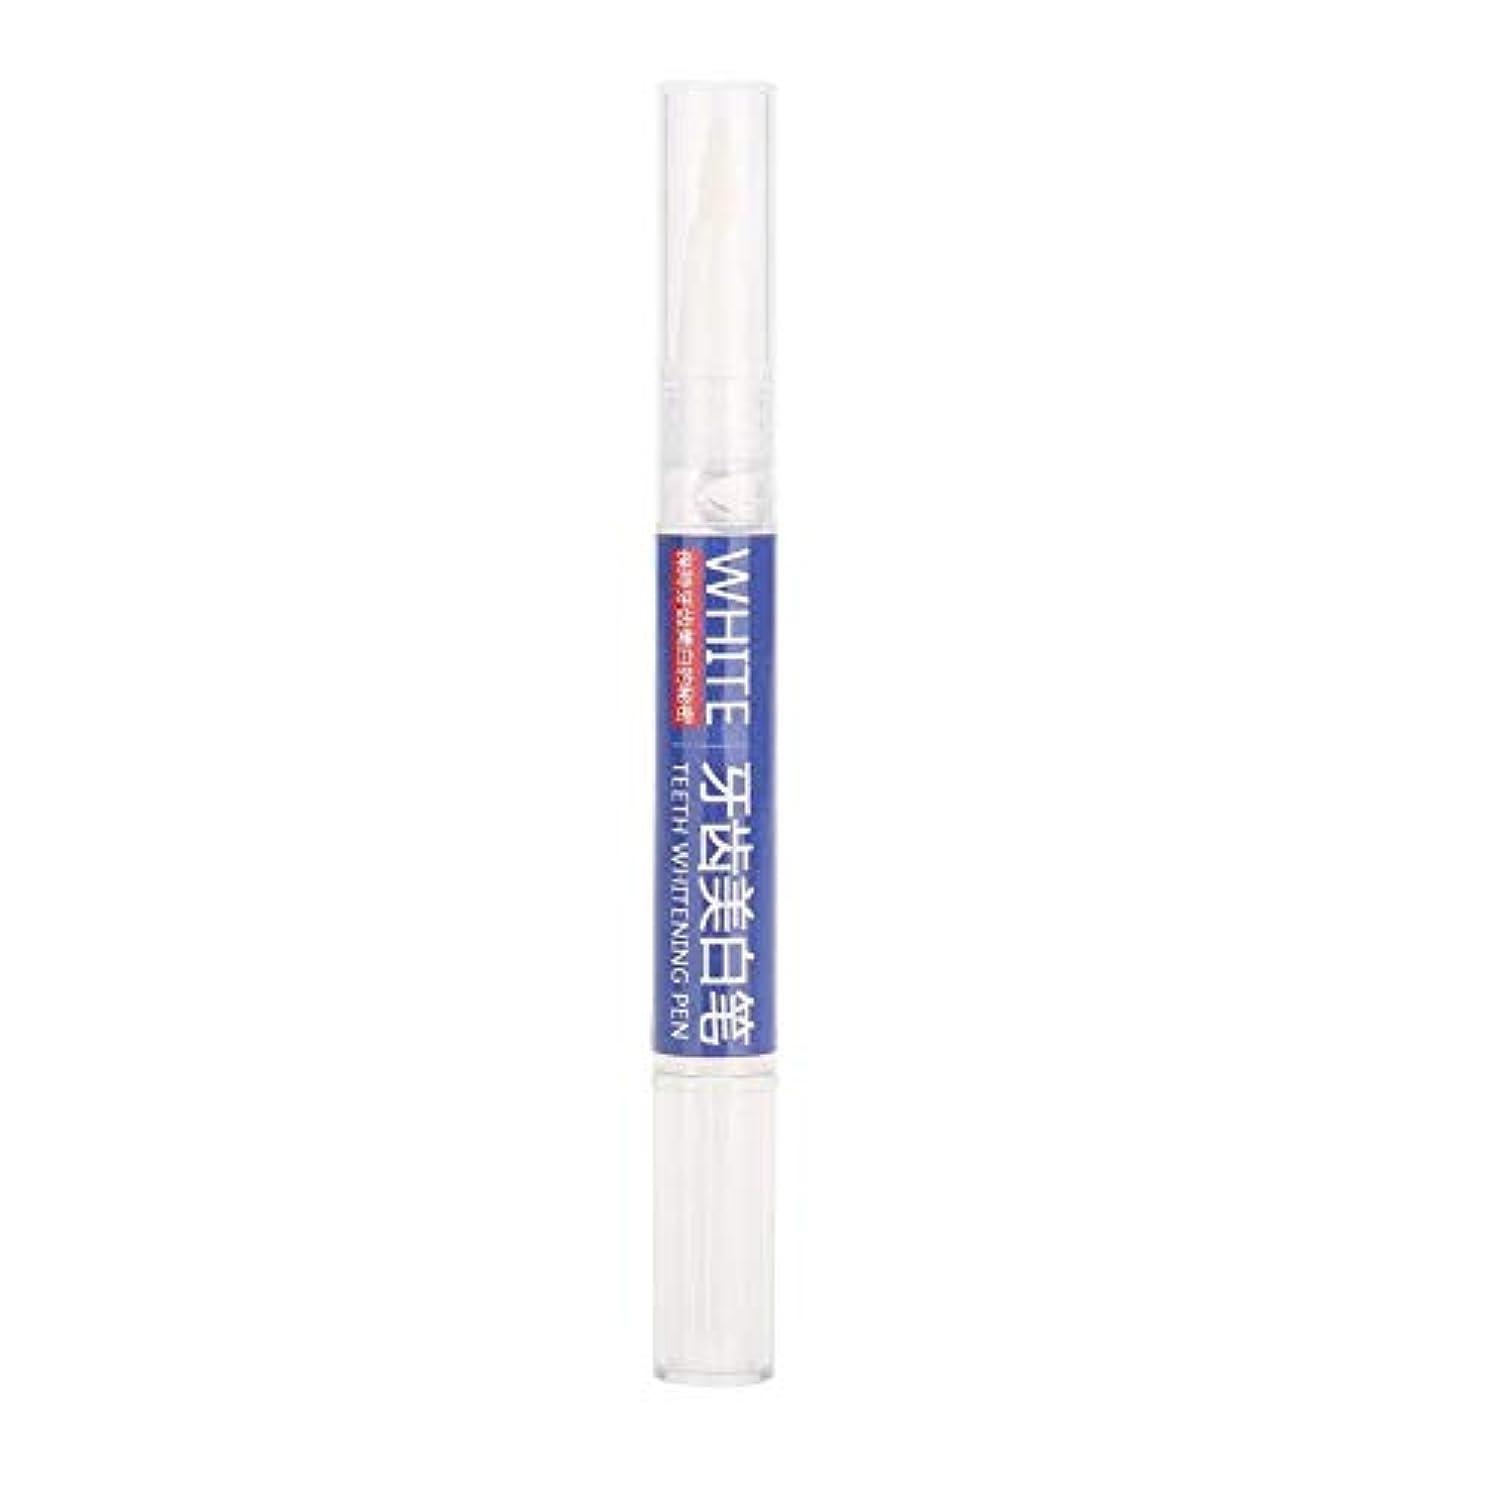 タクト光電ごみホワイトニングトゥースペン3mlイエロートゥースシガレット汚れ除去ホワイトニングホワイトニングトゥースジェルペン